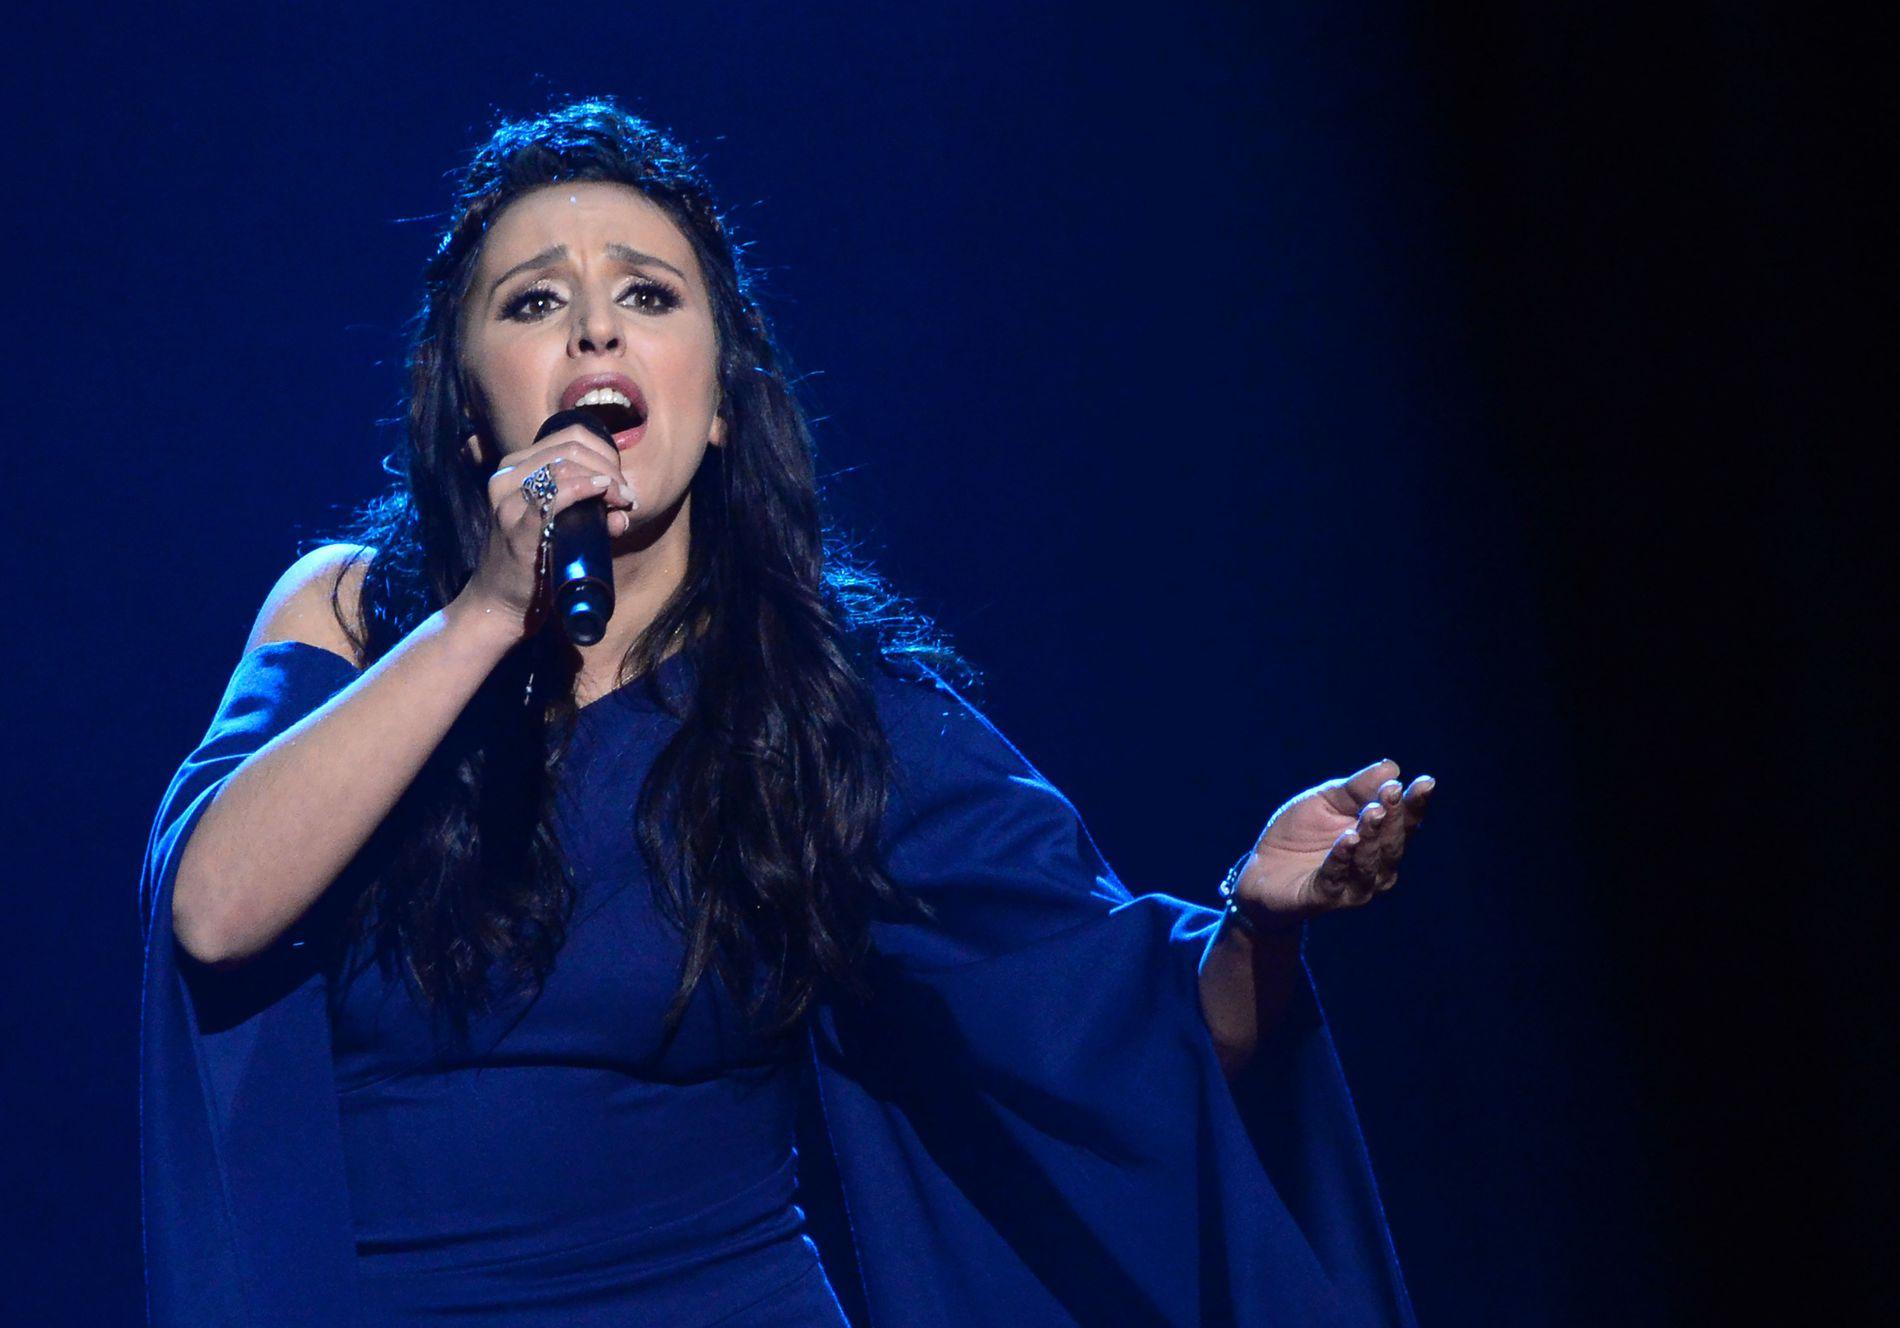 POLITISK VINNER: Ukrainske Jamala gikk helt til topps i en thrilleravstemning i årets Eurovision Song Contest - og det med en politisk ladet sang, hvilket vanligvis ikke er lov i Eurovision.